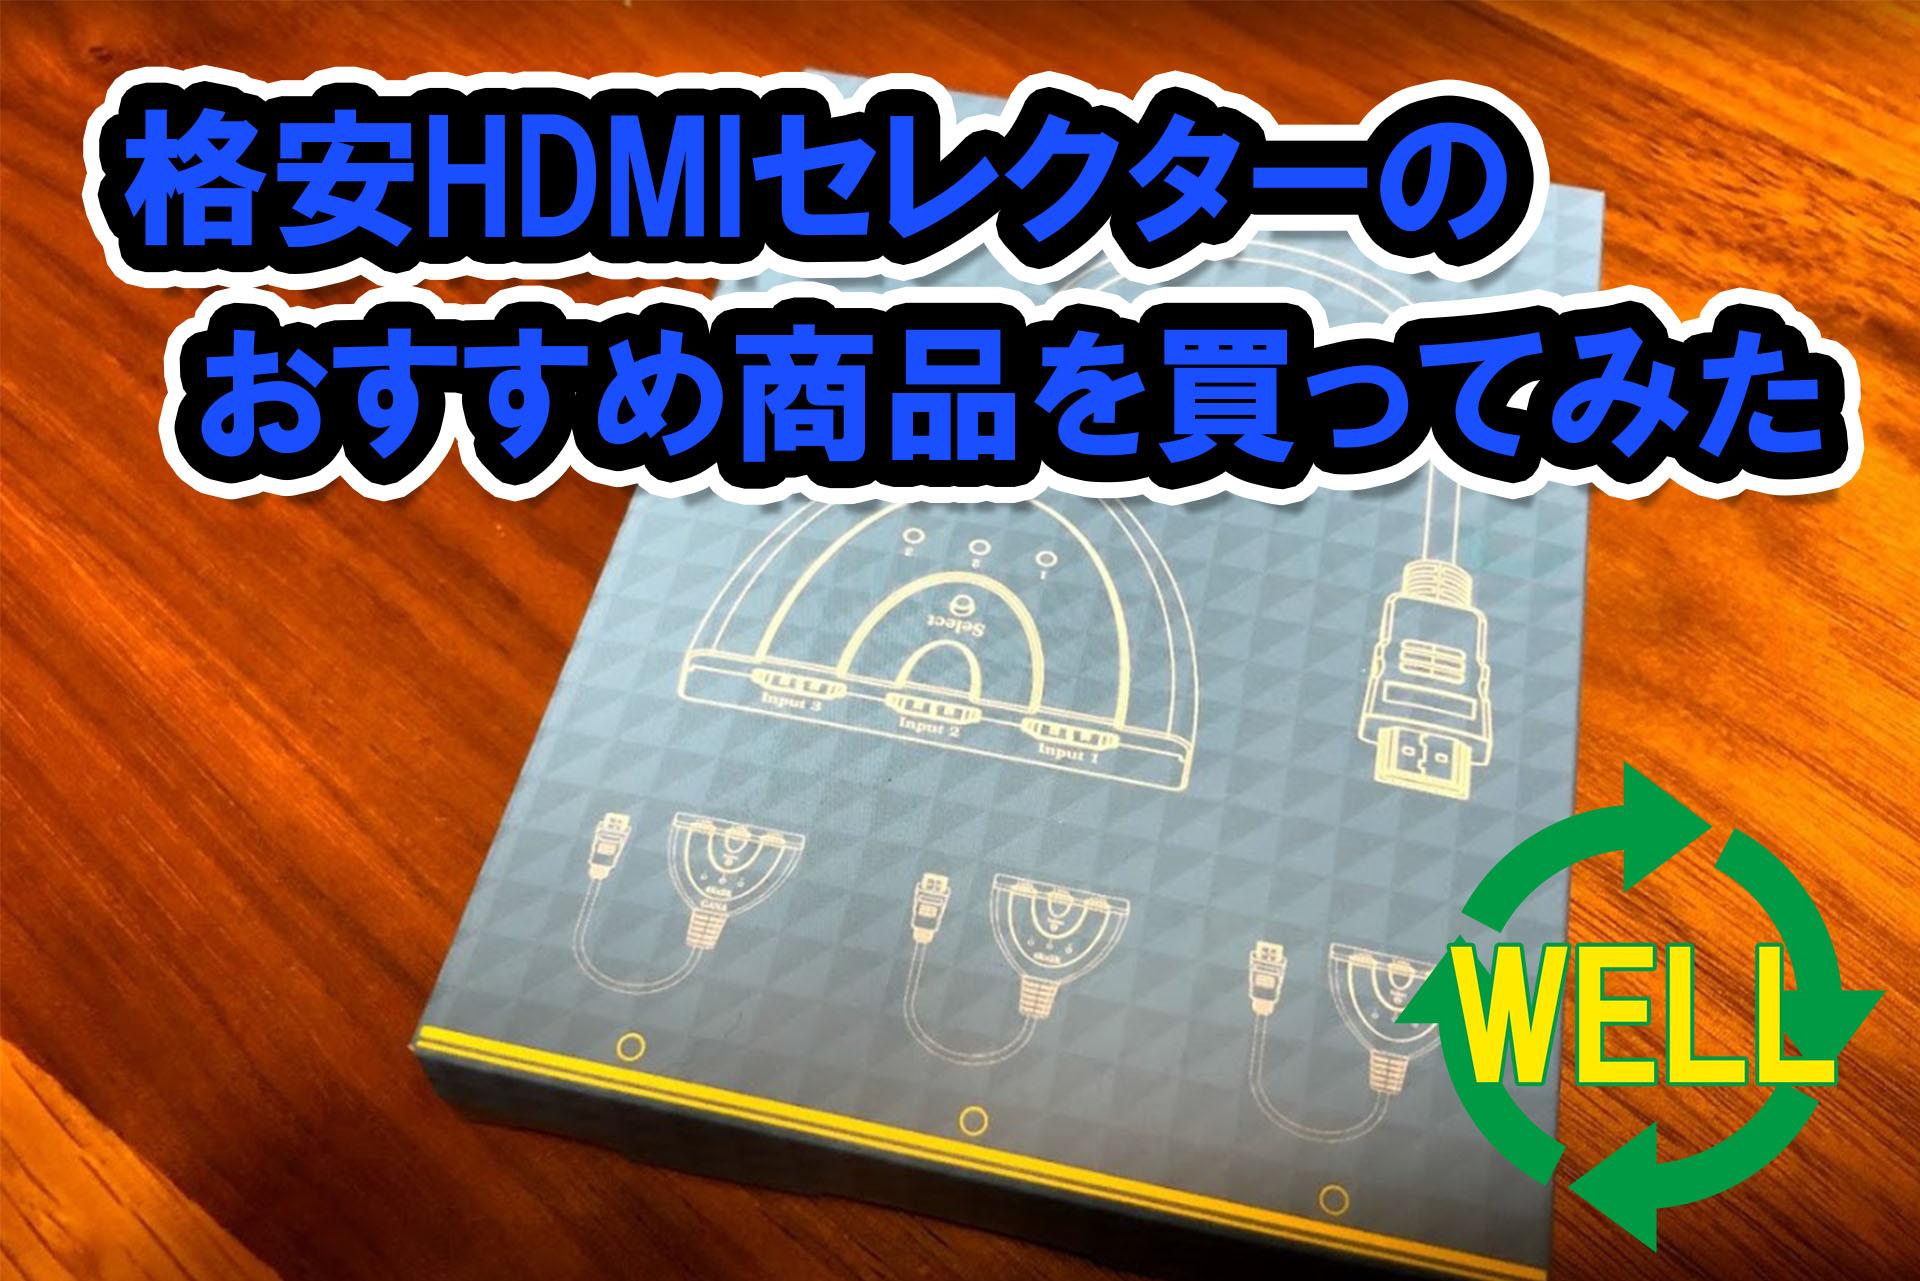 おすすめの格安HDMIセレクター